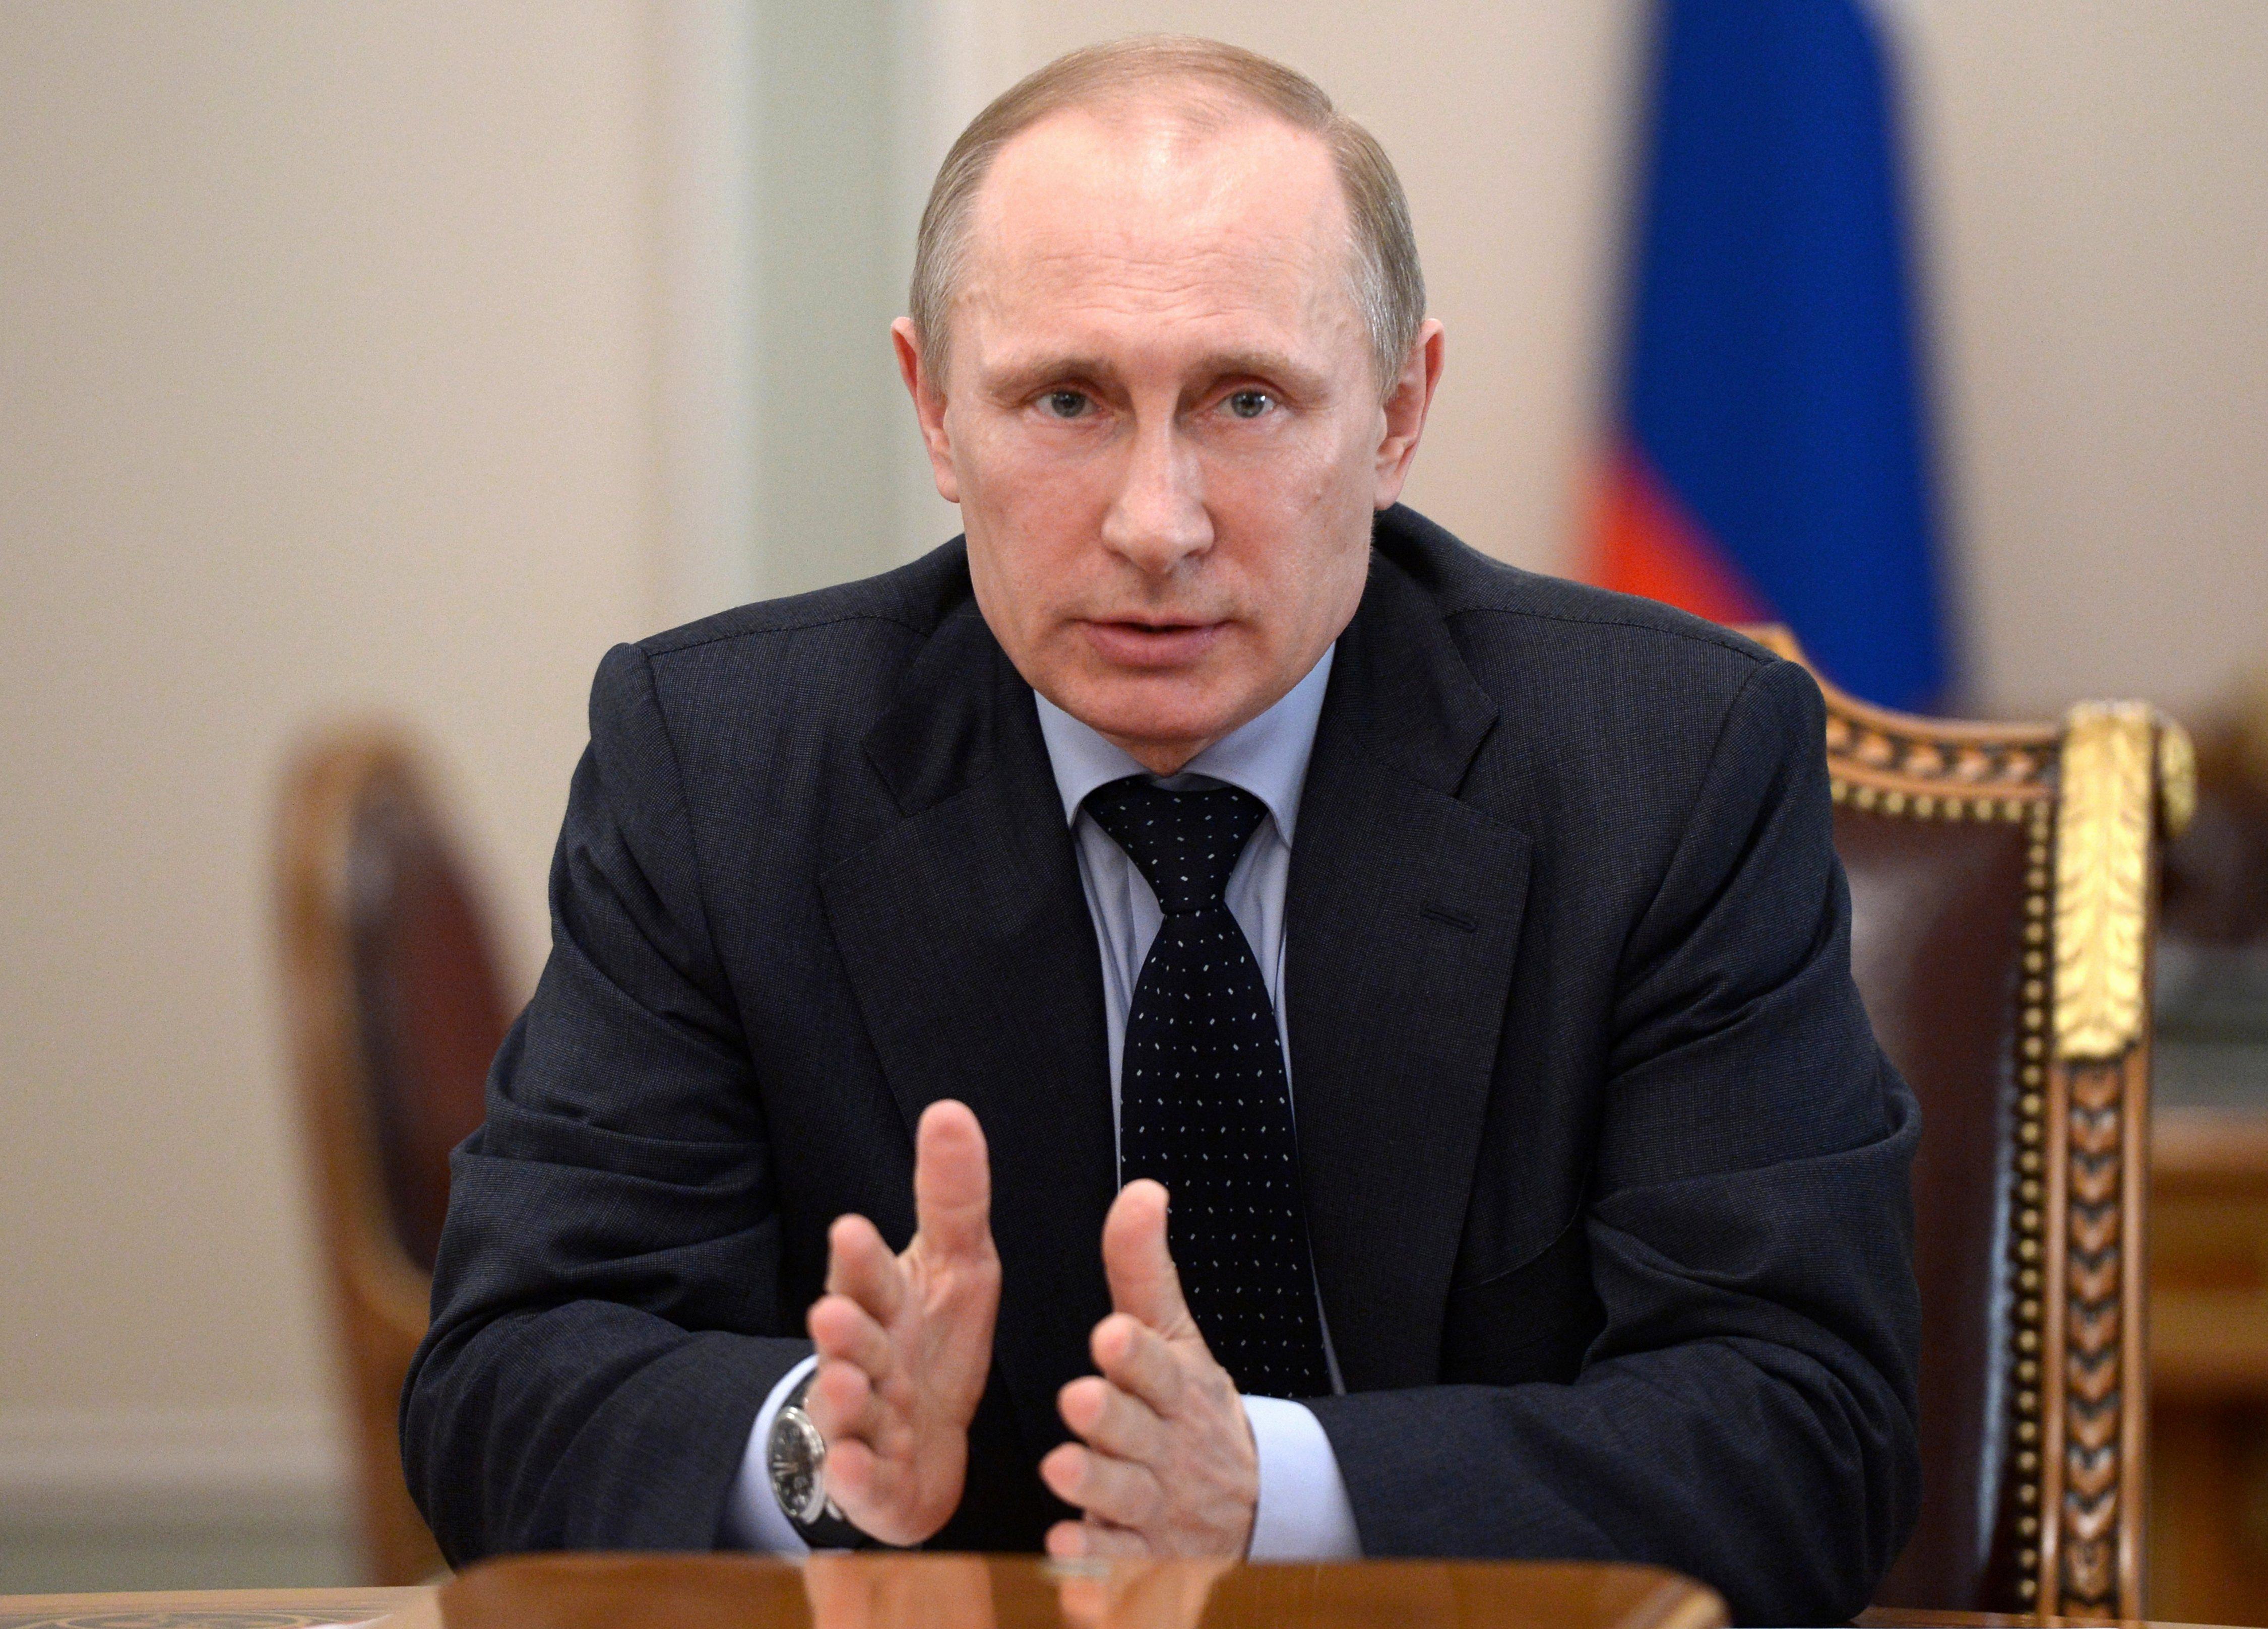 ماذا قال بوتين في رسالته لقمة نواكشوط؟